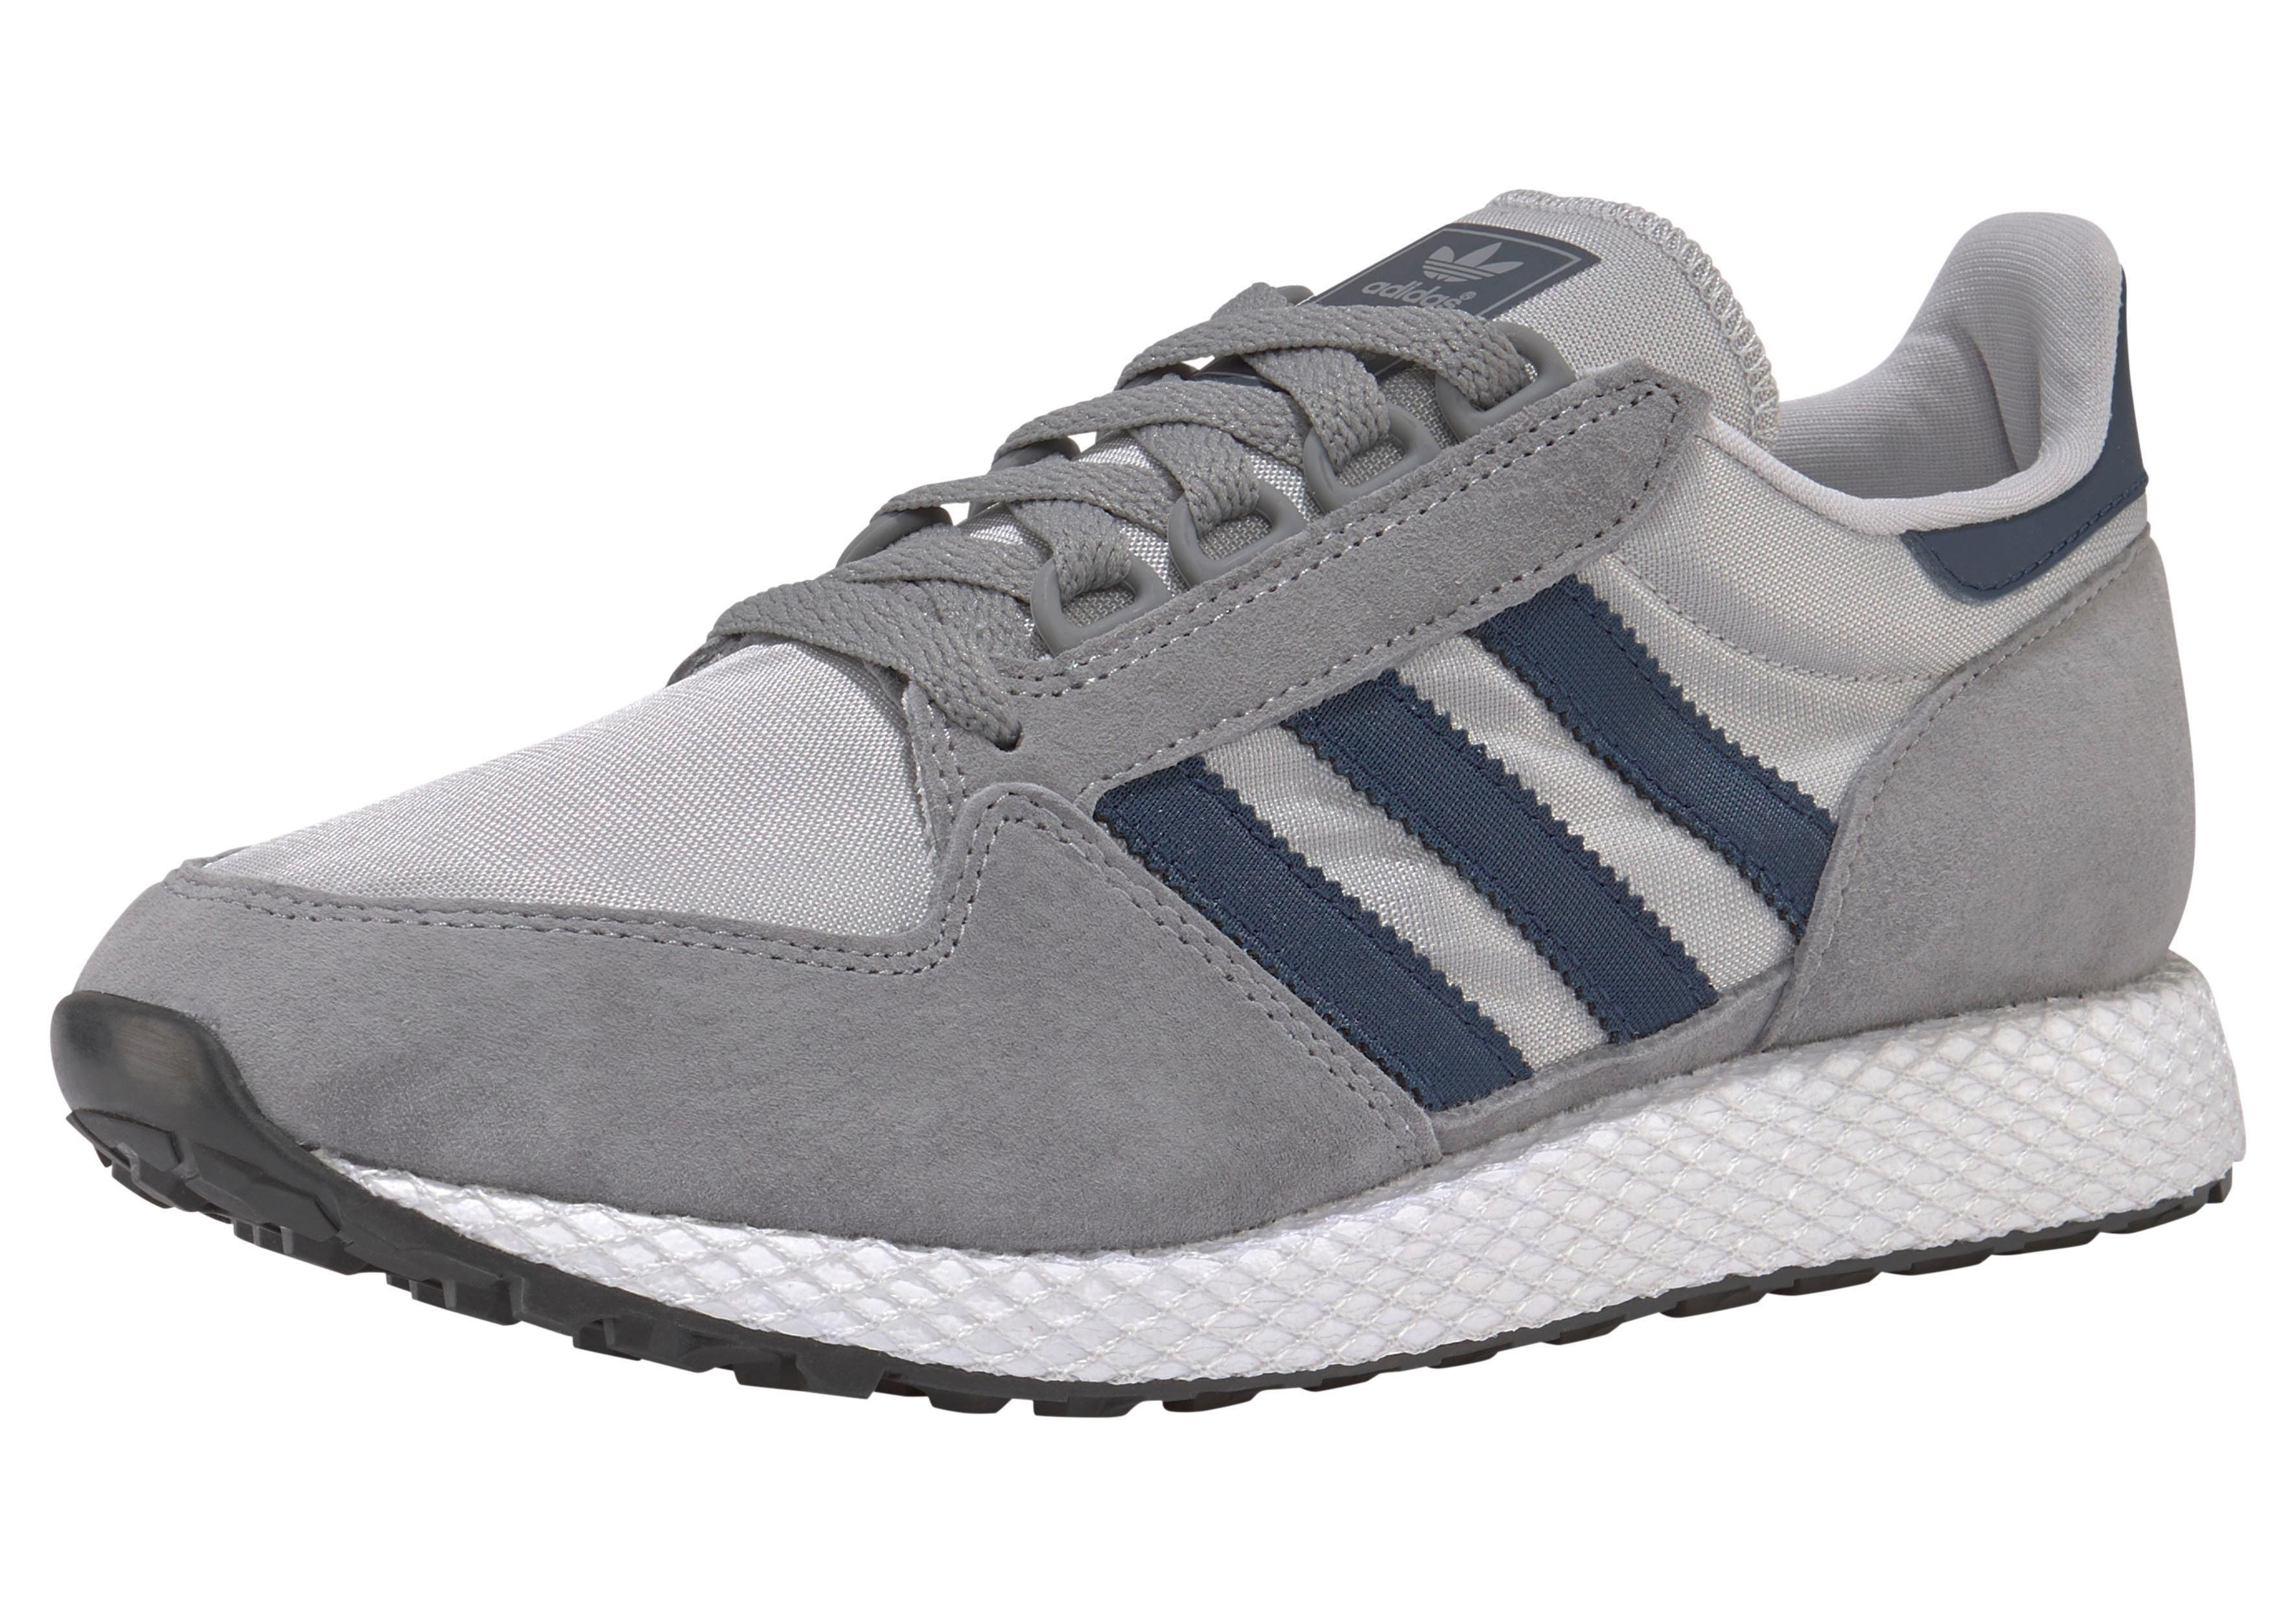 adidas Originals »Forest Grove« Sneaker, Modischer Sneaker von adidas online kaufen | OTTO